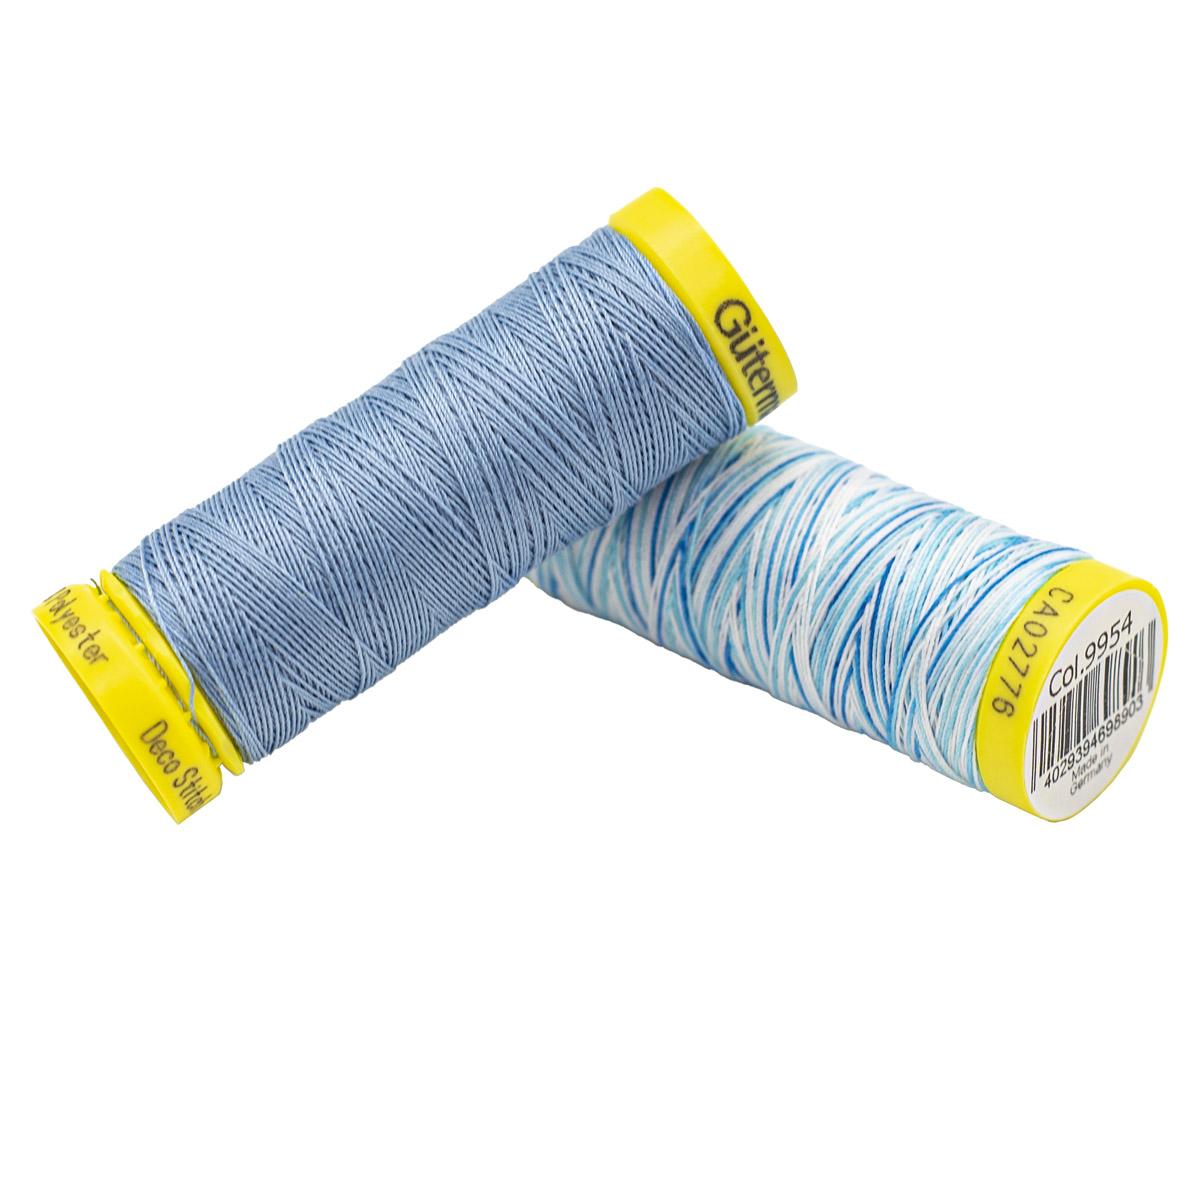 Набор шв. нитей (702160 Deco Stitch 70, однотон 70м, 702161 Deco Stitch 70 мультиколор 70м) Гутерман, 143 серо-голубой, 9954 мультиколор